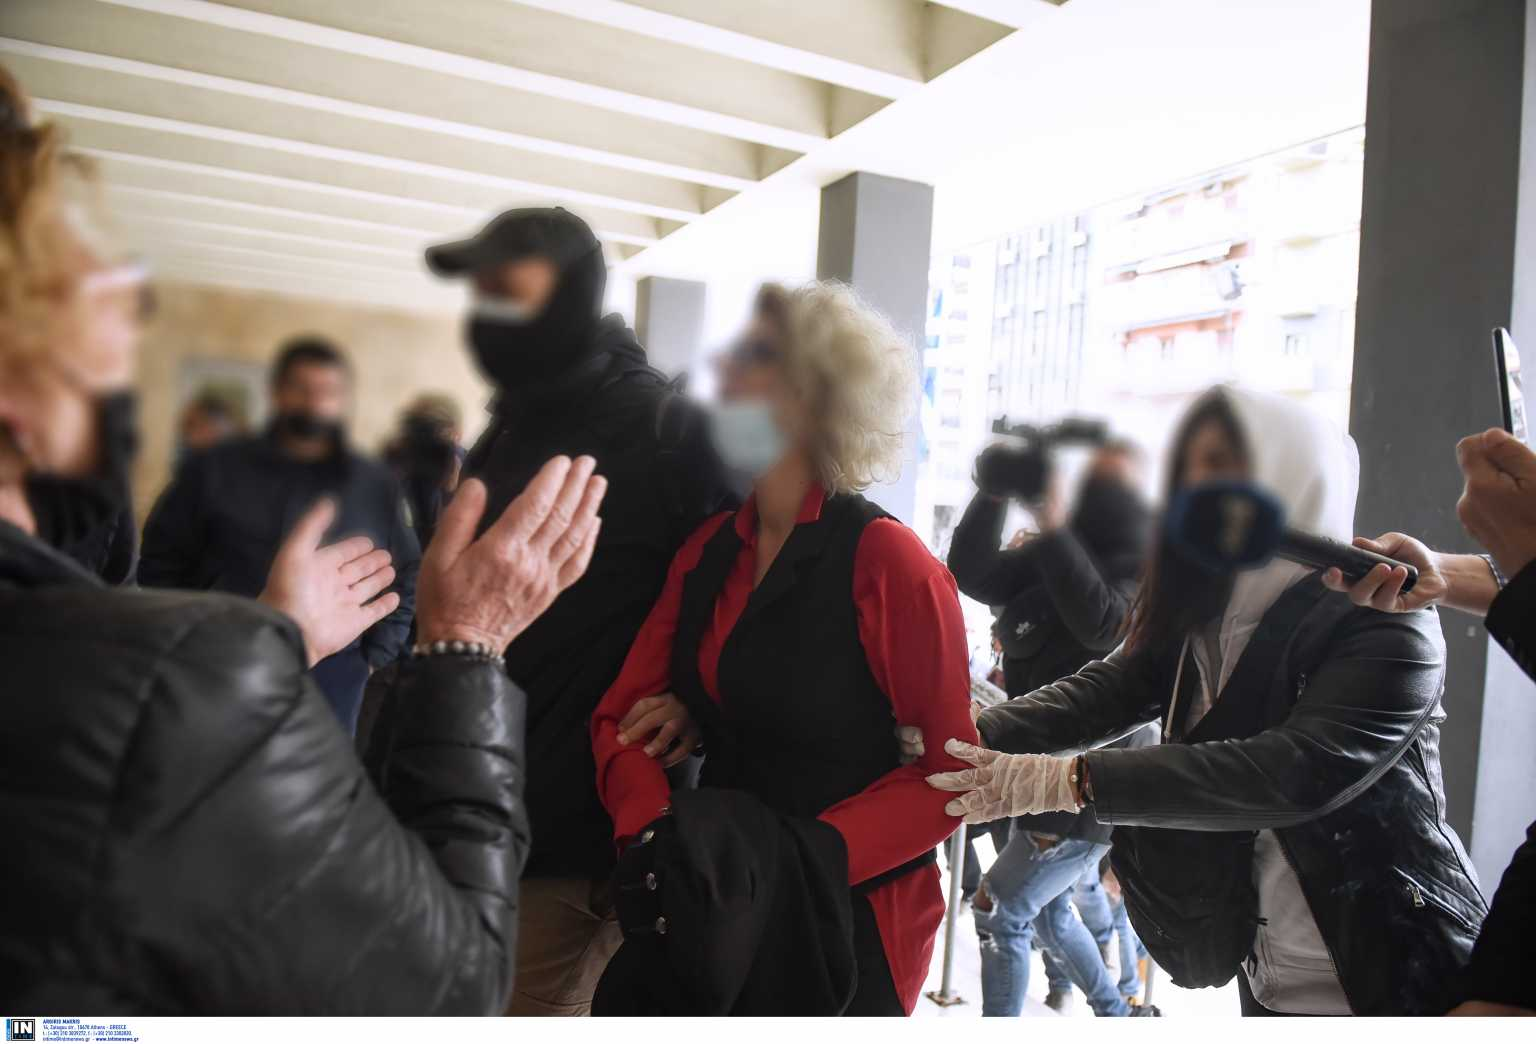 Θεσσαλονίκη: Αποθέωθηκε ξανά στα δικαστήρια η μητέρα αρνήτρια των self test – «Γονείς τώρα είναι η ώρα» (video)